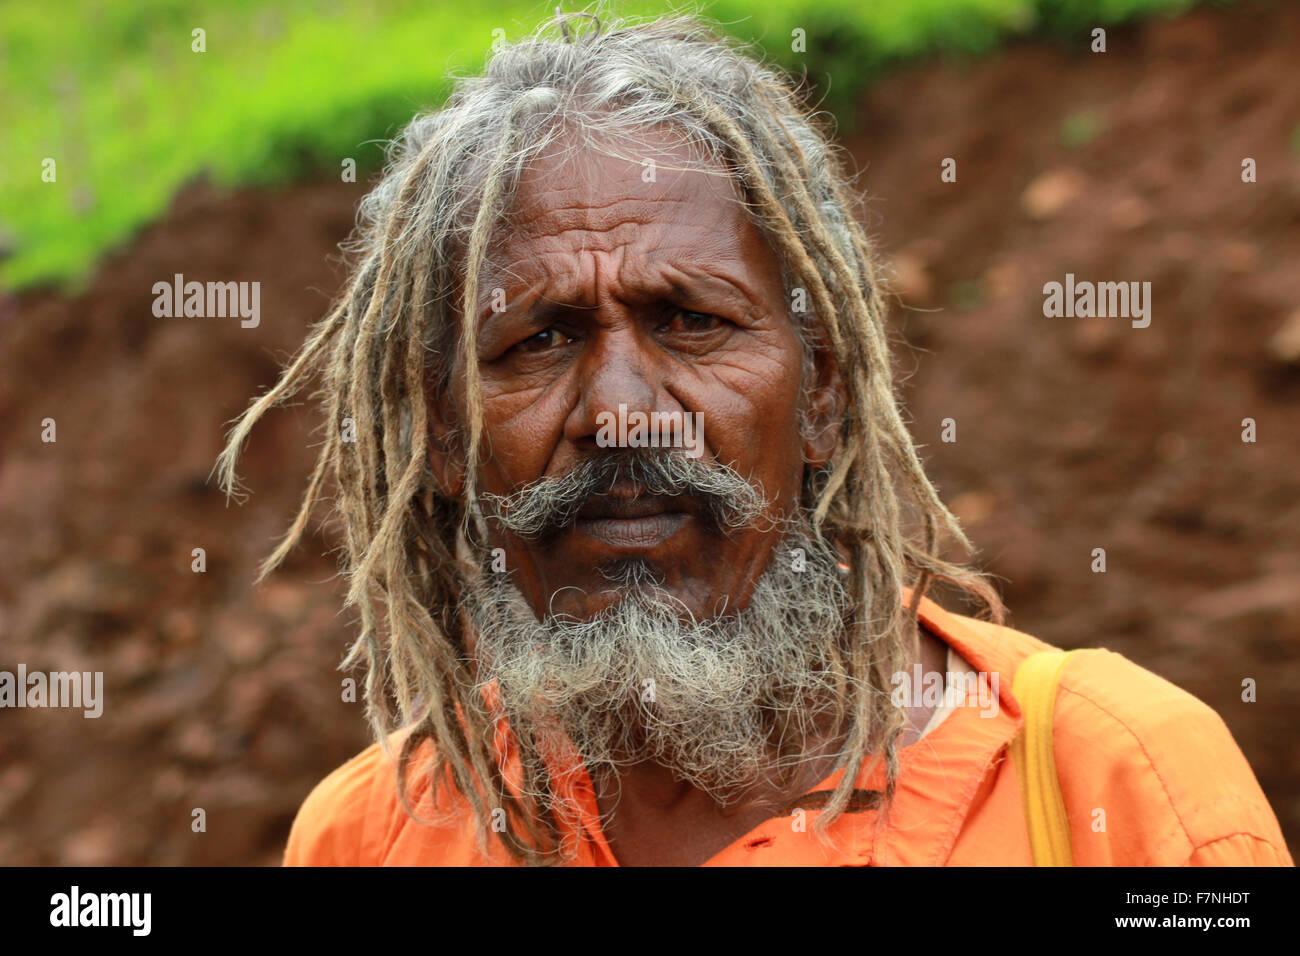 Sadhu with matted hair. Kumbh Mela ,Nasik, Maharashtra, India - Stock Image